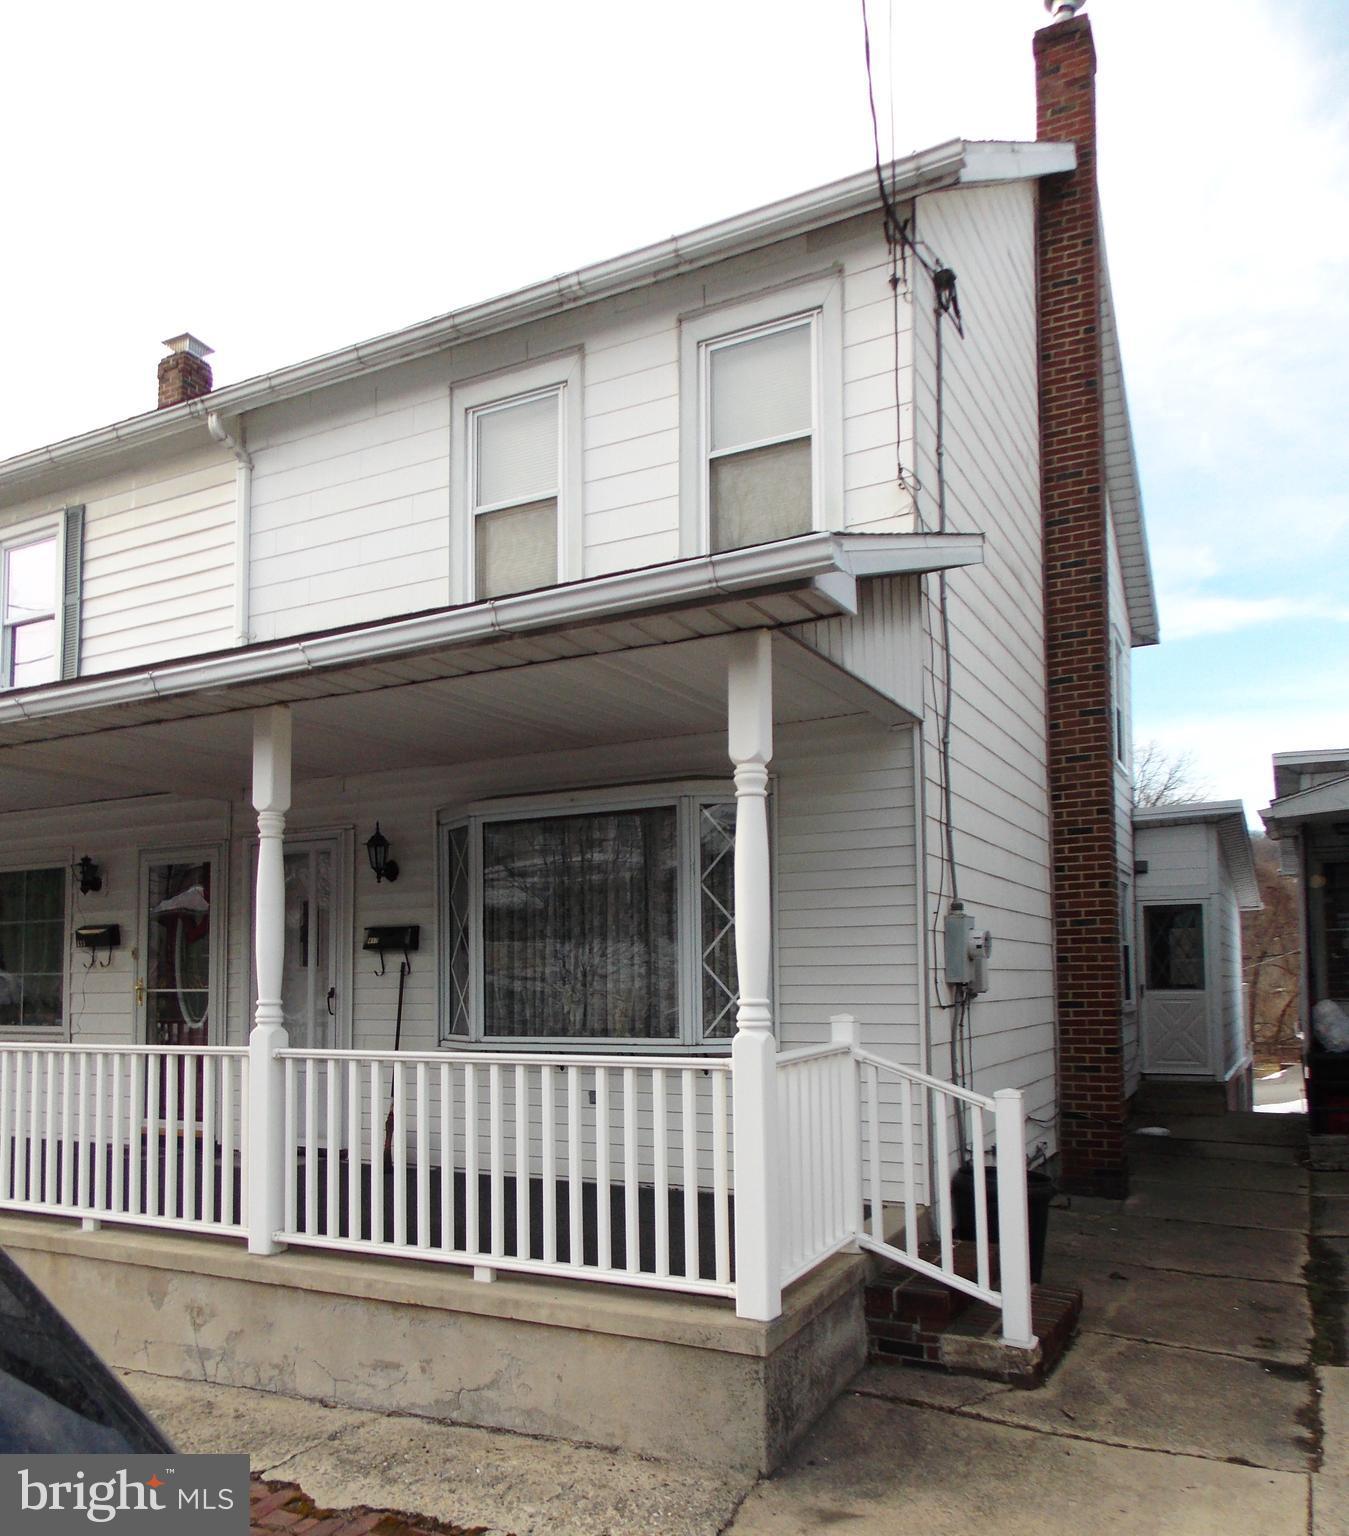 417 E PATTERSON STREET, LANSFORD, PA 18232